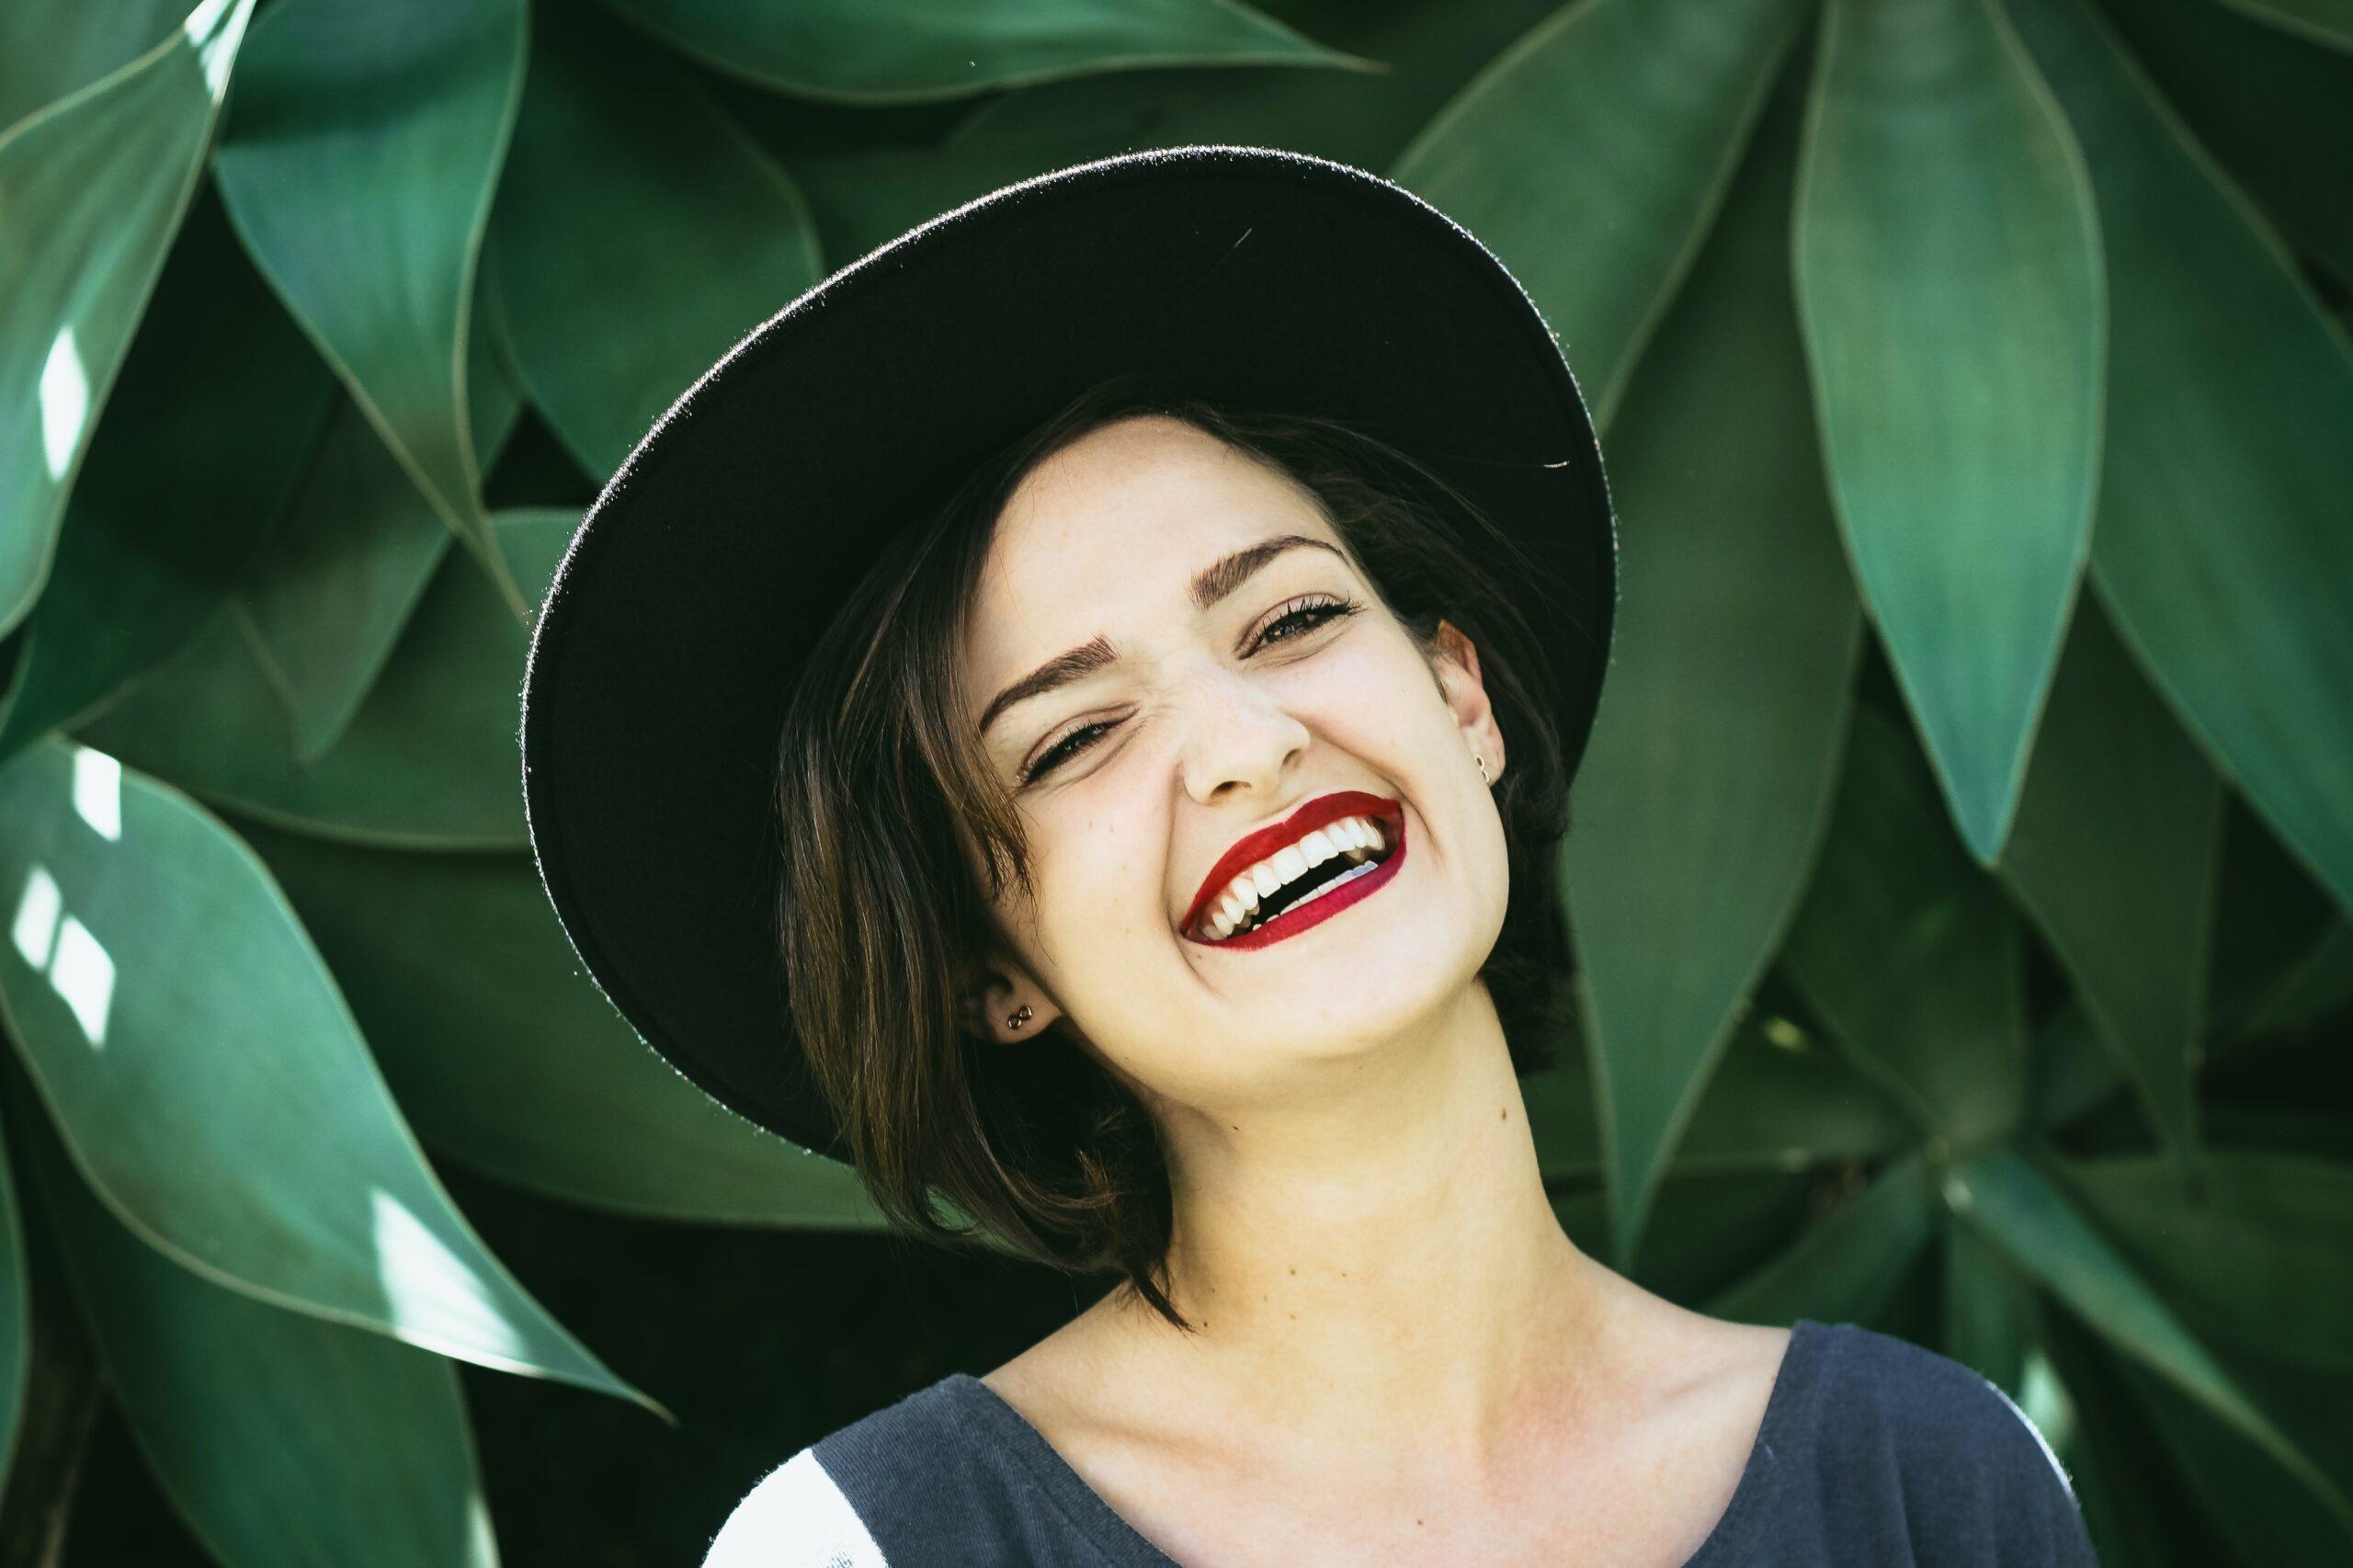 Wosk ortodontyczny pomaga zniwelować dyskomfort spowodowany przez zamki aparatu